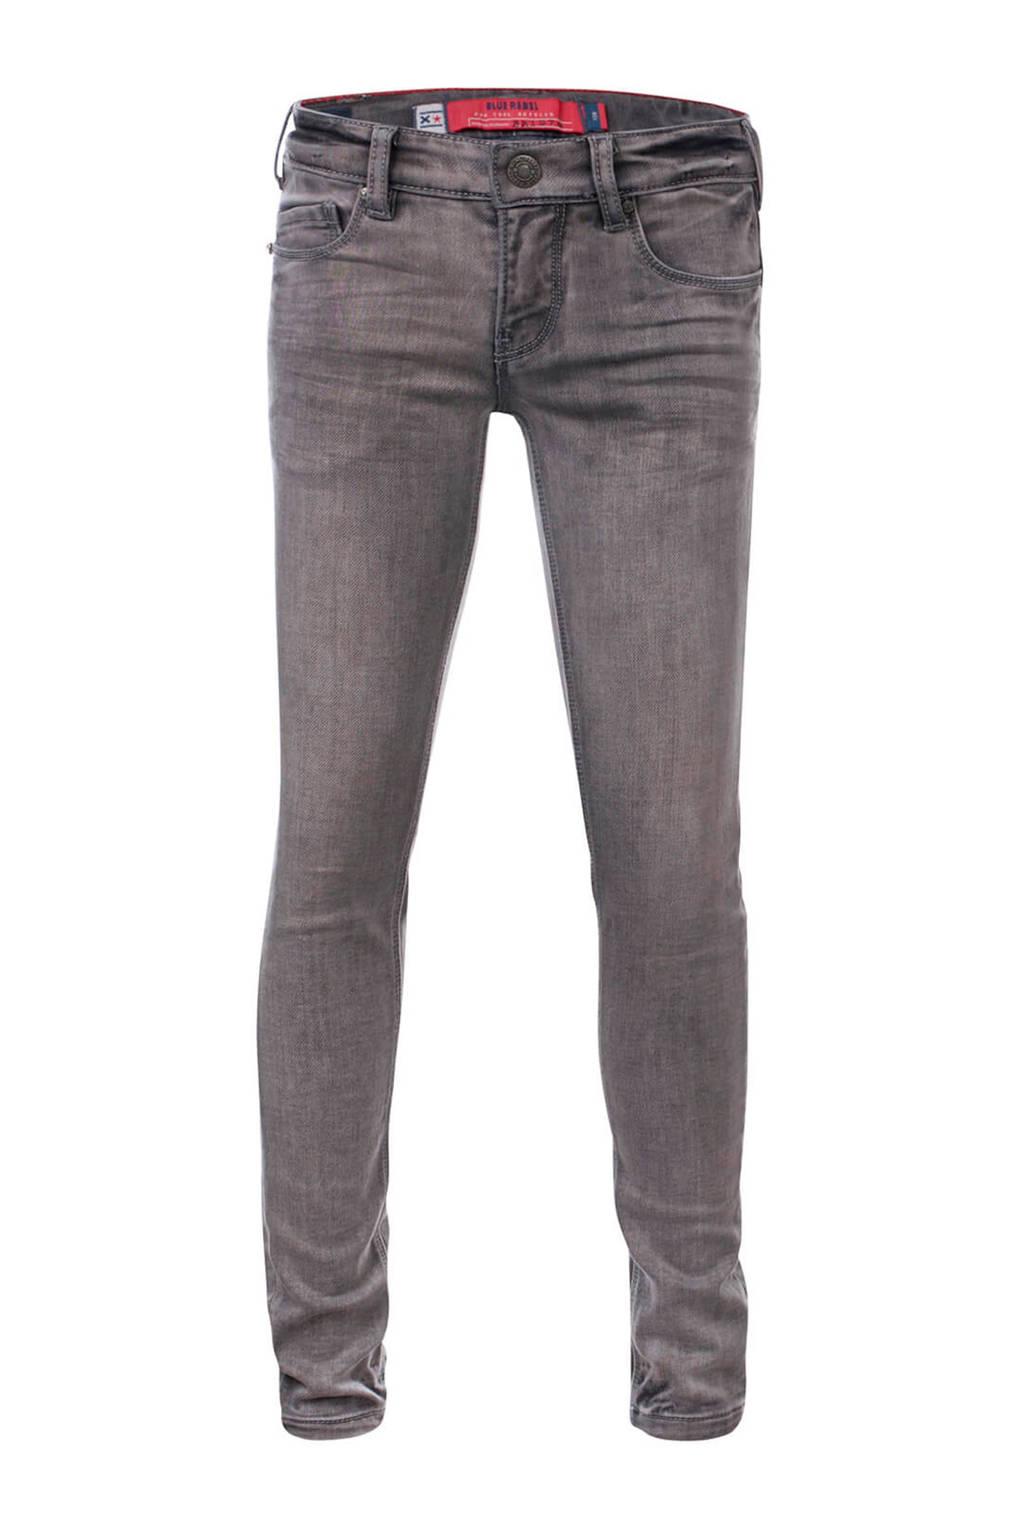 Blue Rebel skinny jeans Pyrope grijs, Grijs